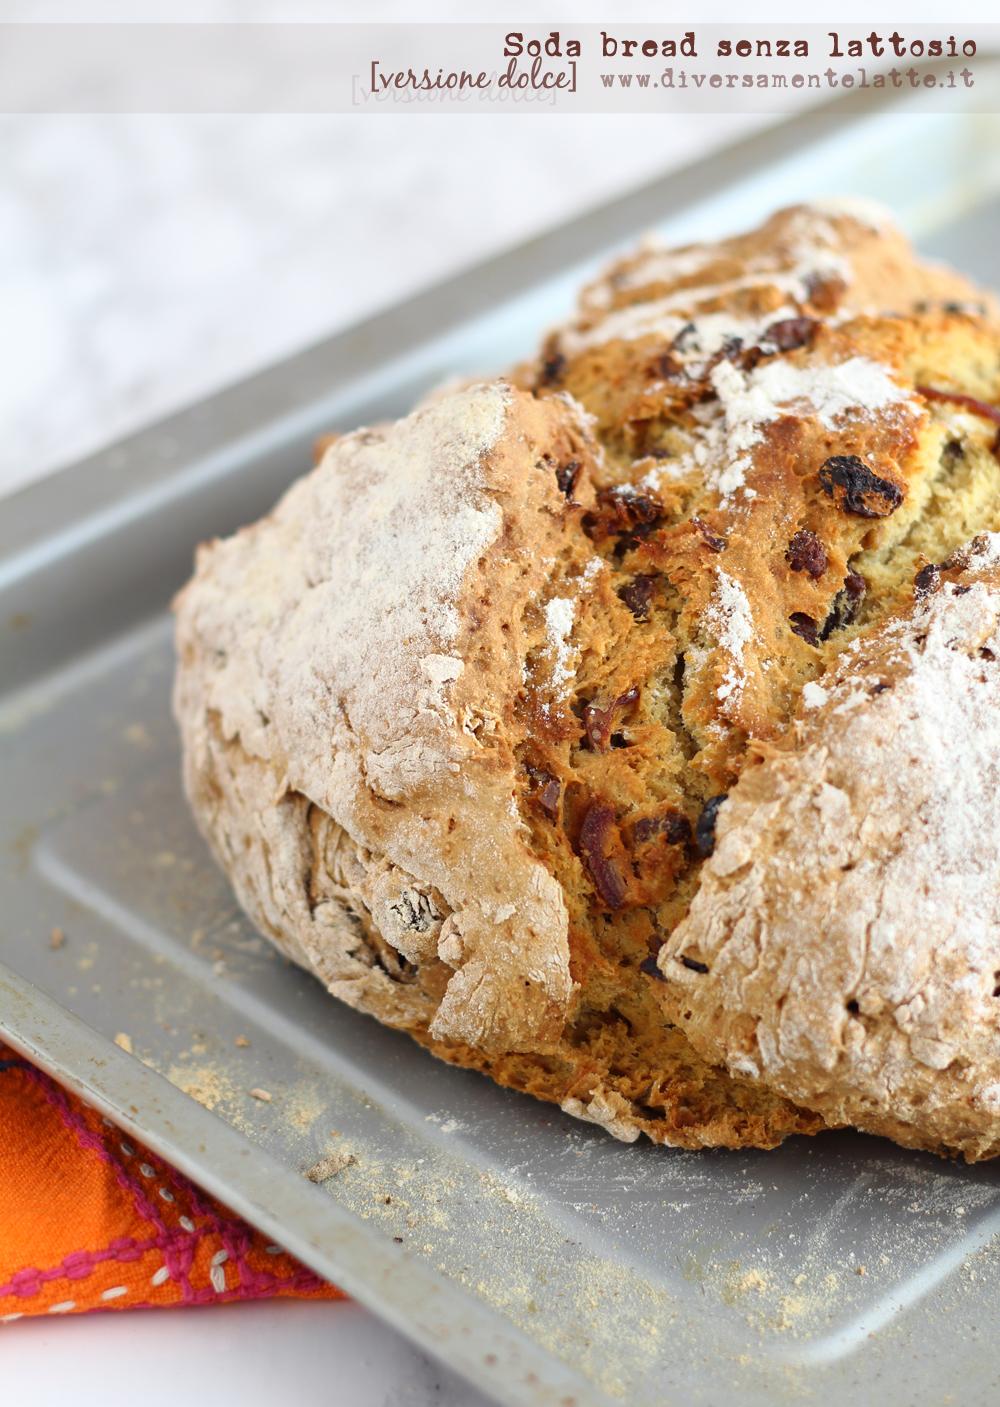 soda bread senza lattosio